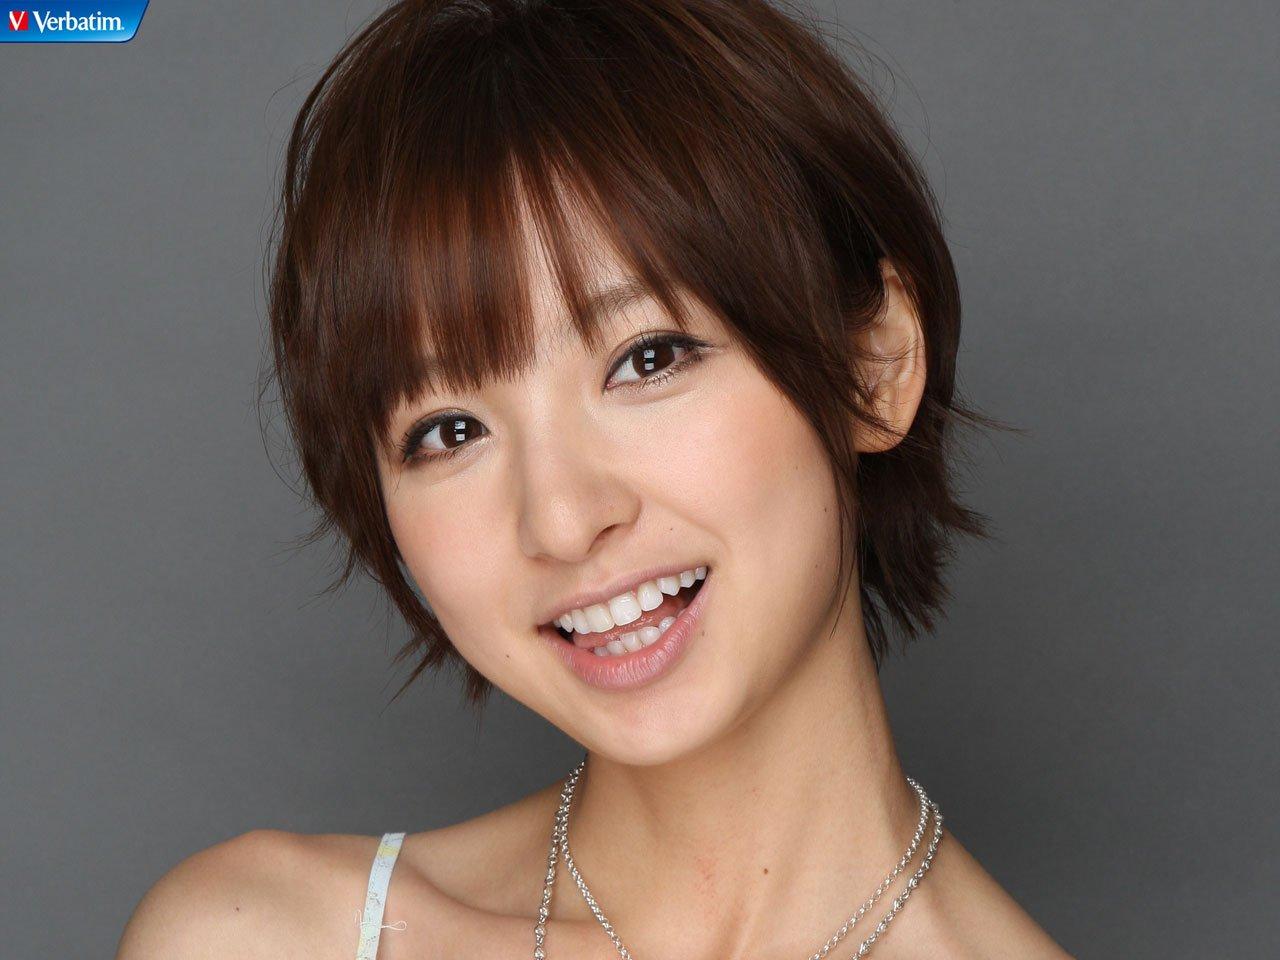 篠田麻里子 現在에 대한 이미지 검색결과